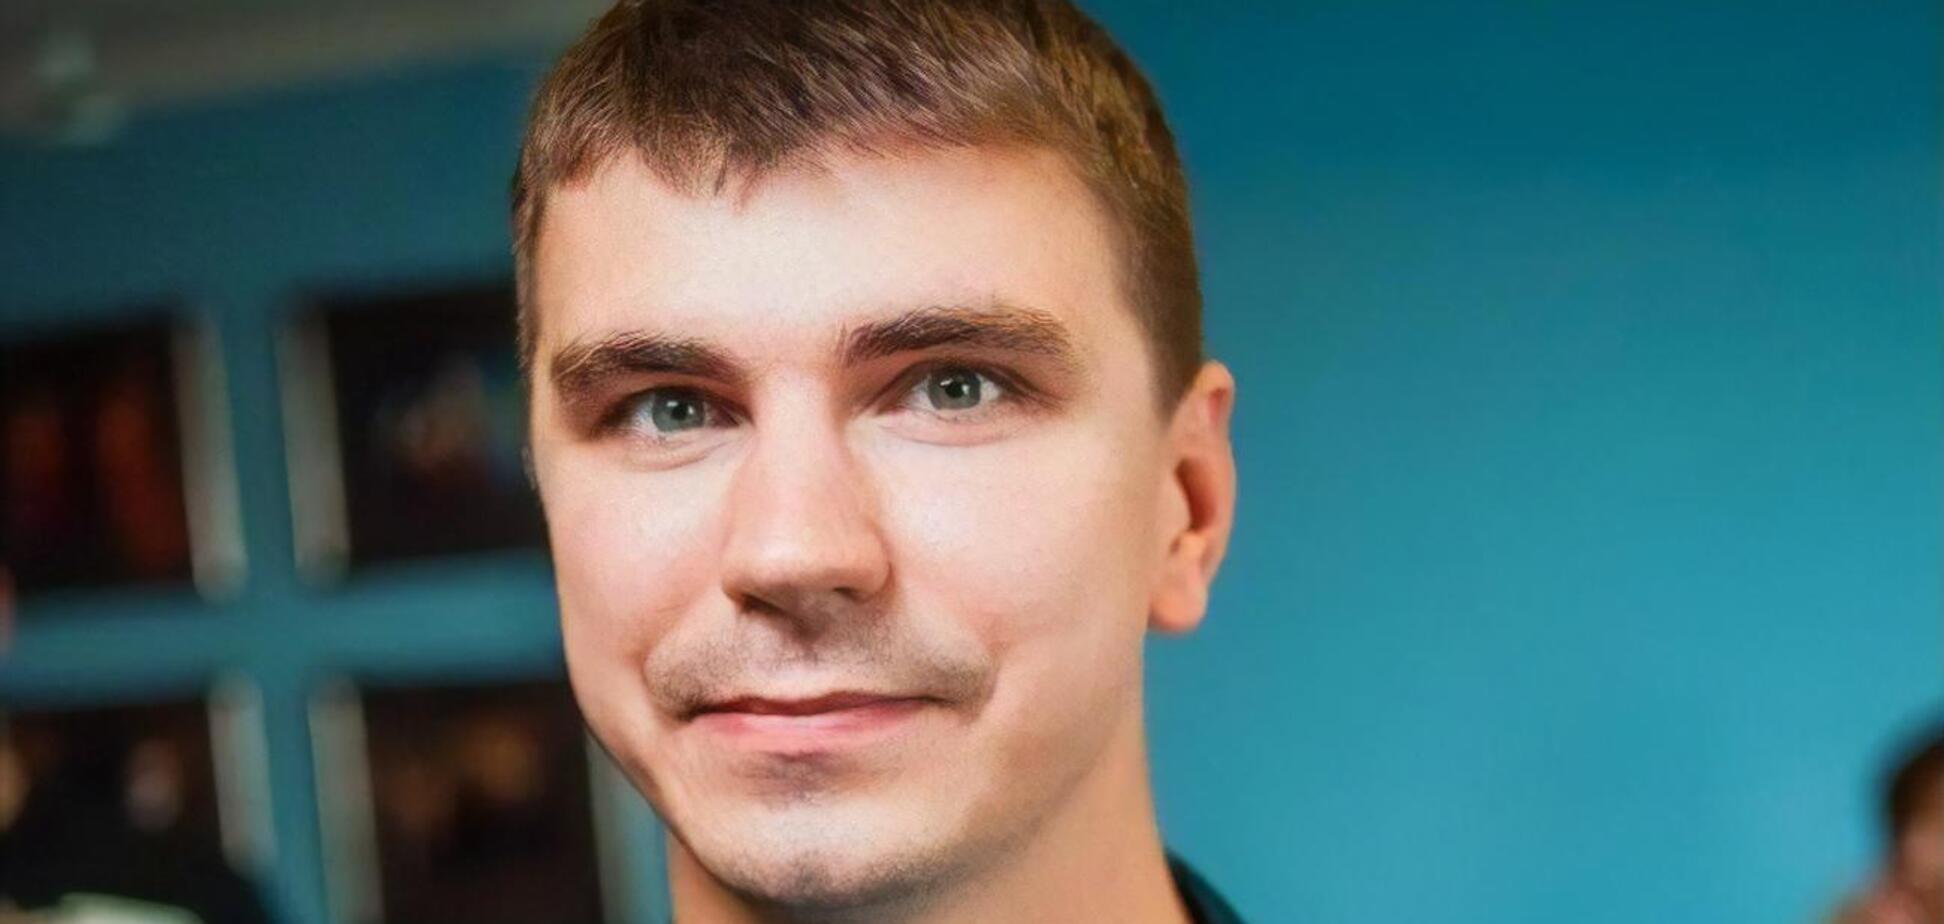 Антон Поляков рассказал подробности о нападении